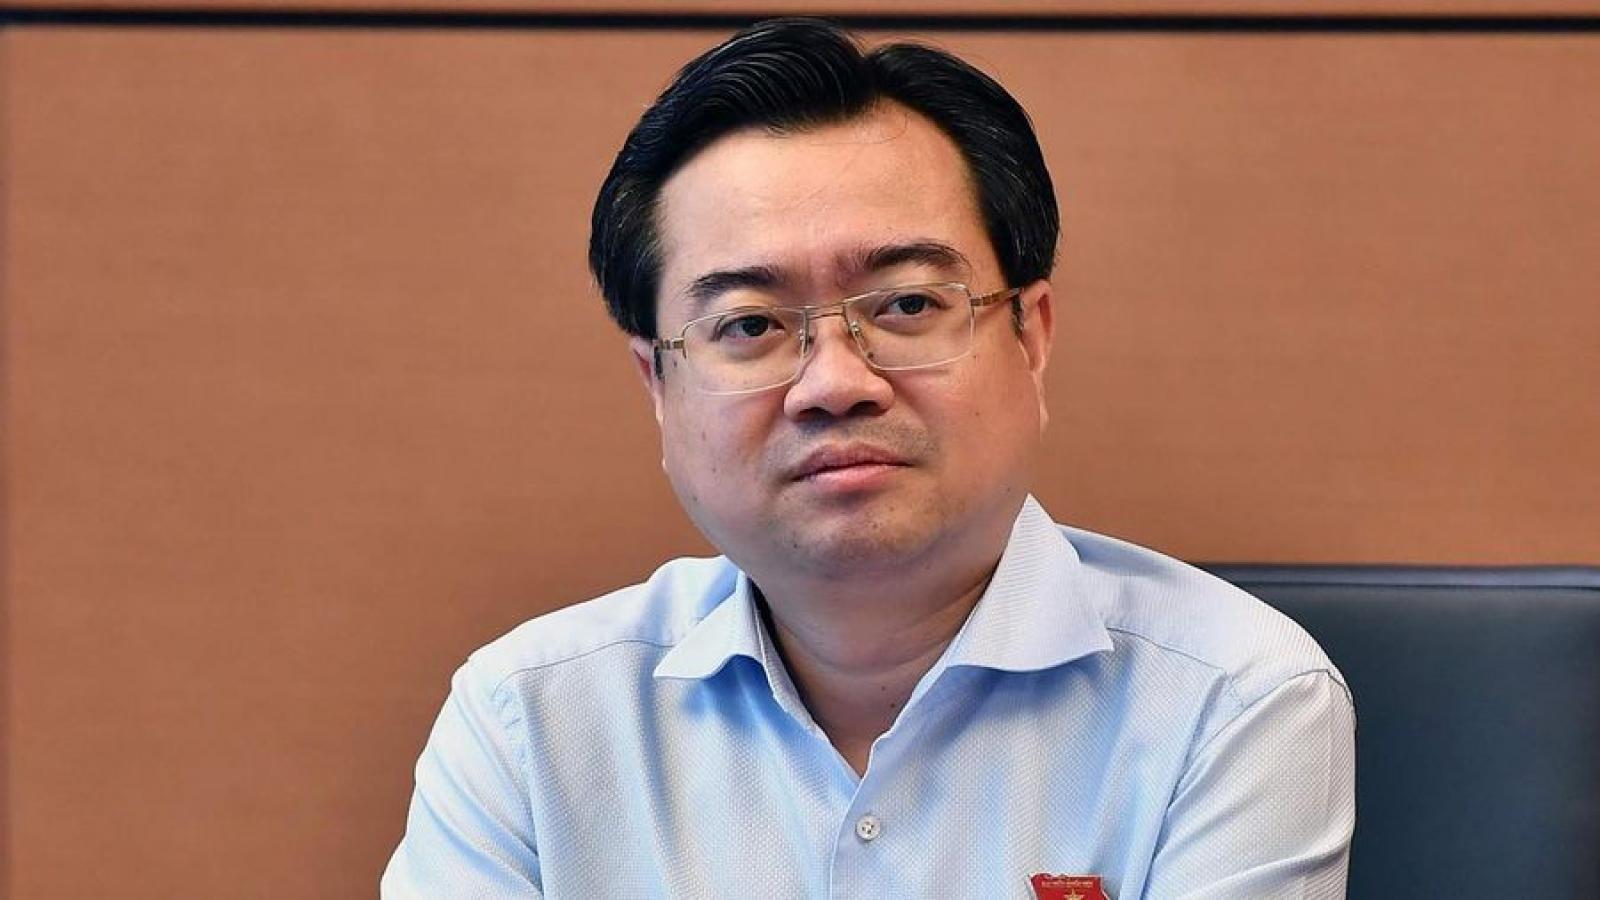 Bộ trưởng Bộ Xây dựng Nguyễn Thanh Nghị là thành viên trẻ nhất trong Chính phủ